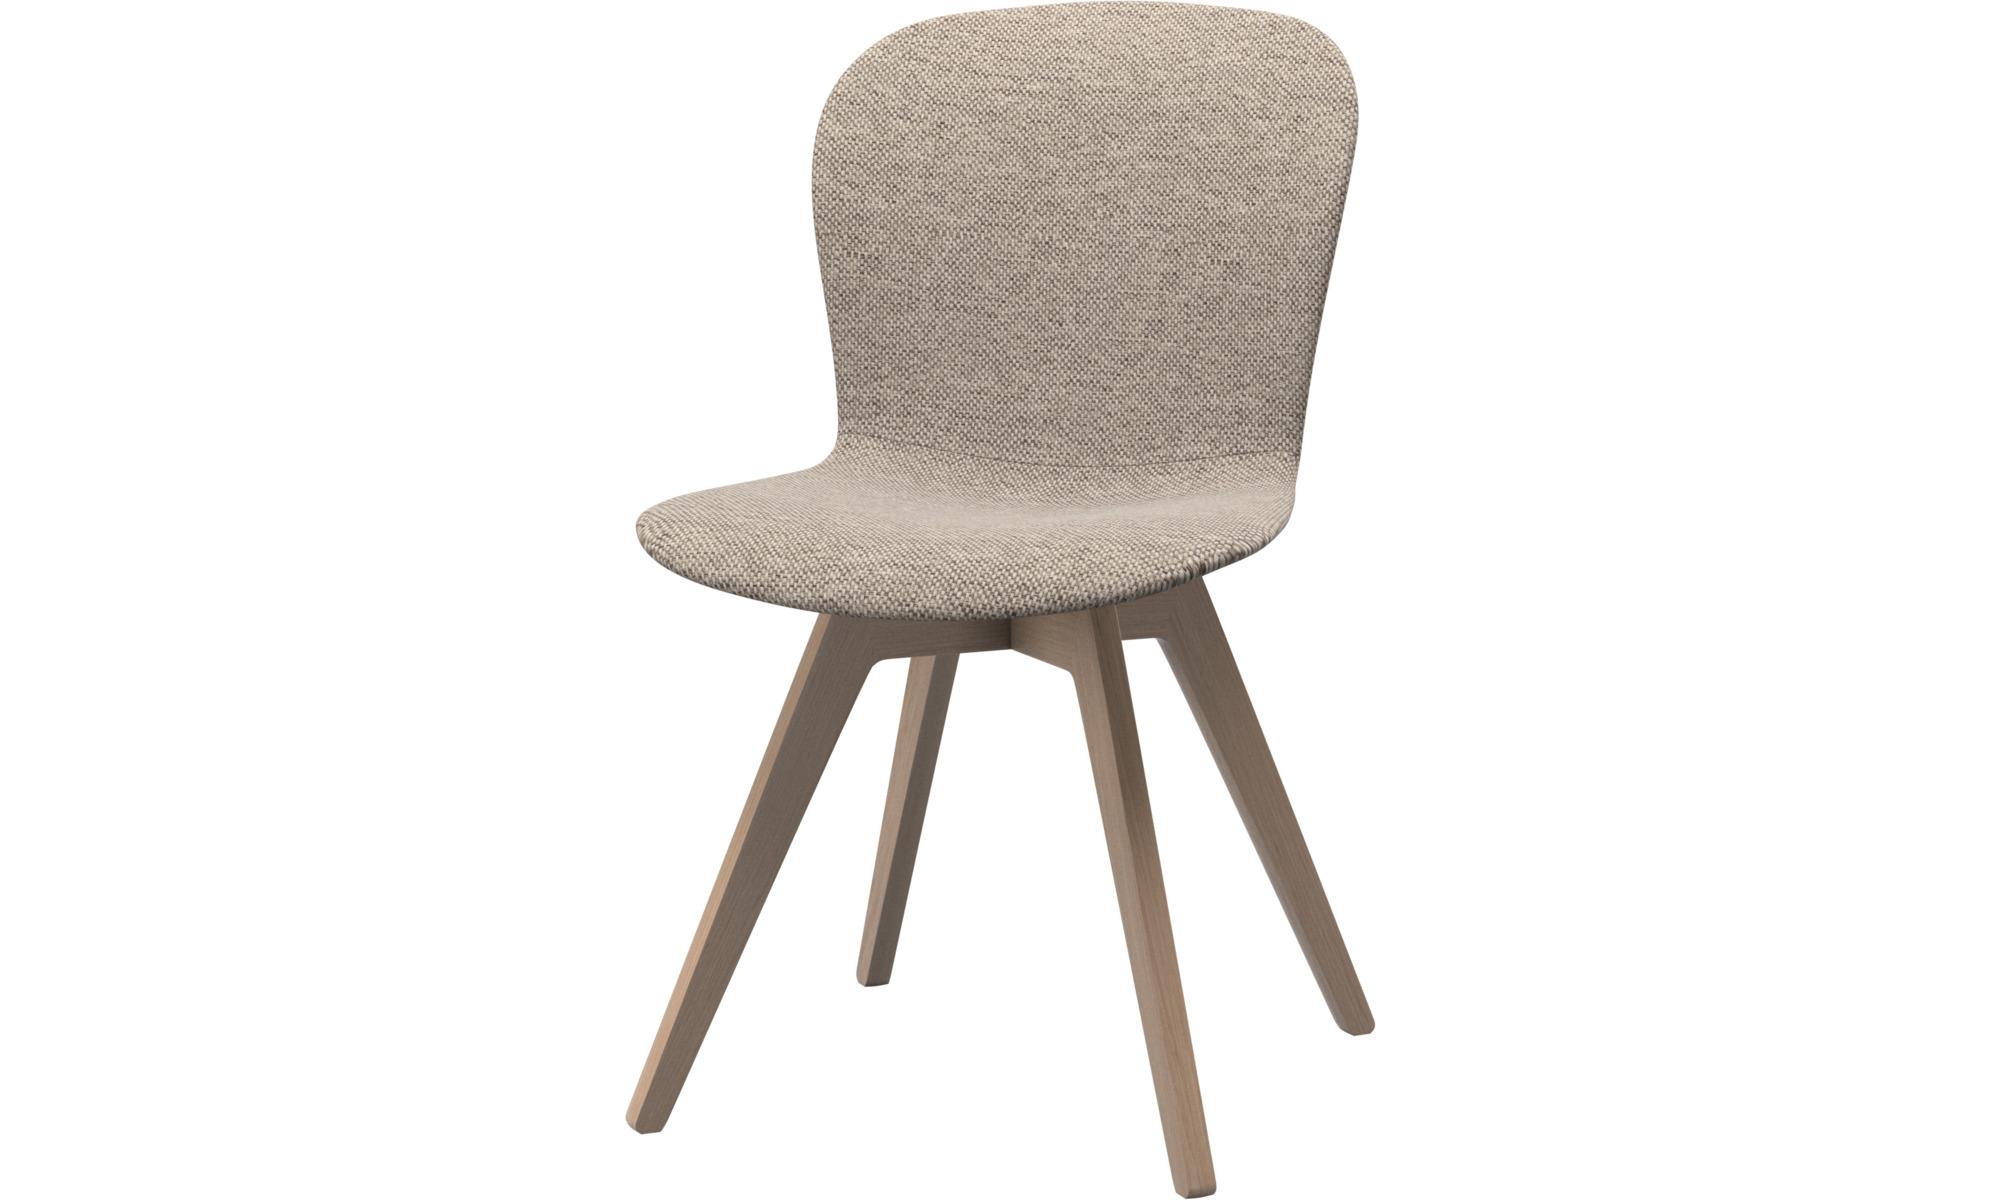 Esszimmerstühle - Adelaide Stuhl - Beige - Stoff